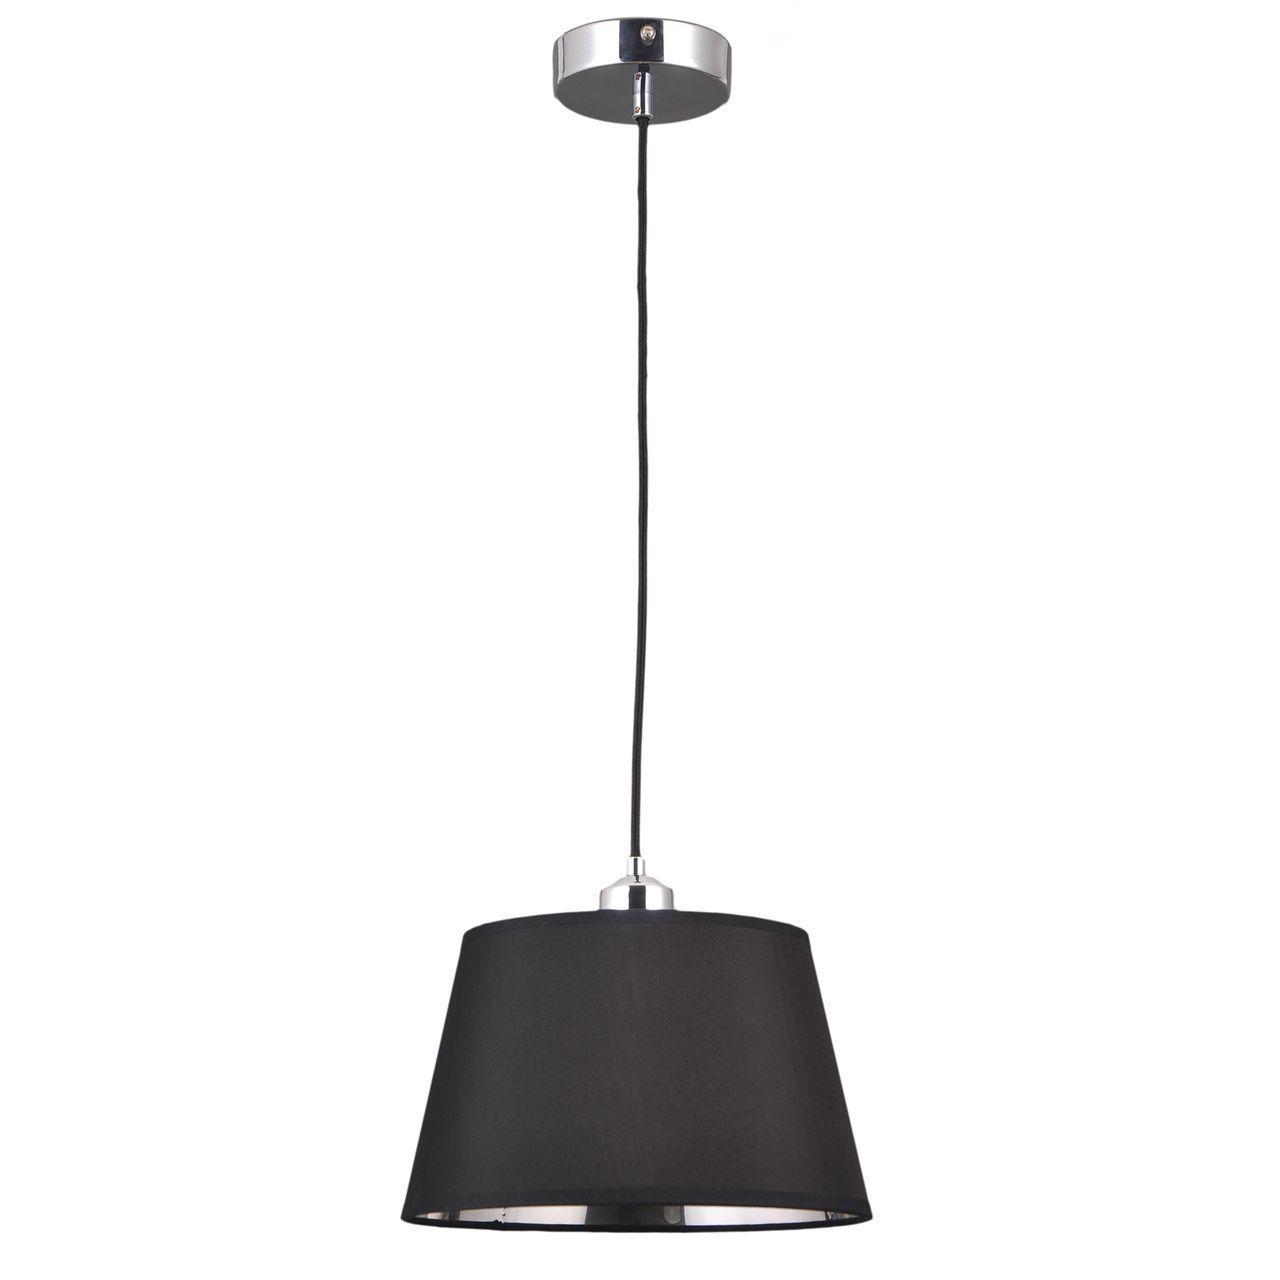 Подвесной светильник Eurosvet Koby 70064/1 хром supra kes 1720 grey